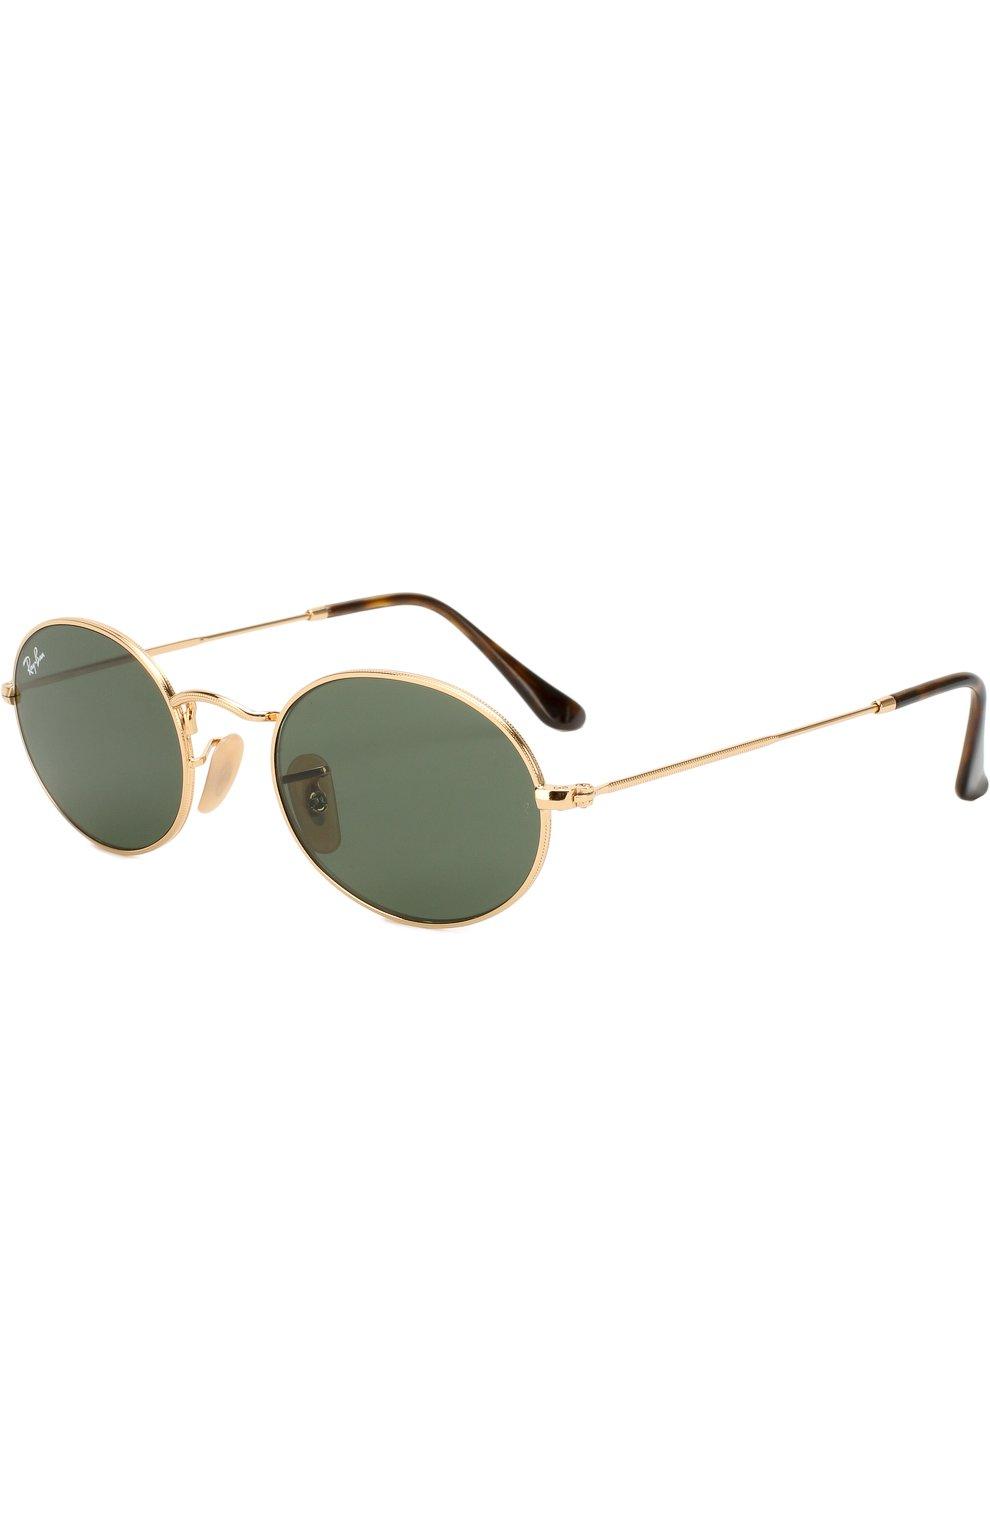 Мужские солнцезащитные очки RAY-BAN золотого цвета, арт. 3547N-001 | Фото 1 (Тип очков: С/з; Статус проверки: Требуются правки, Проверена категория; Очки форма: Овальные; Оптика Гендер: оптика-унисекс)